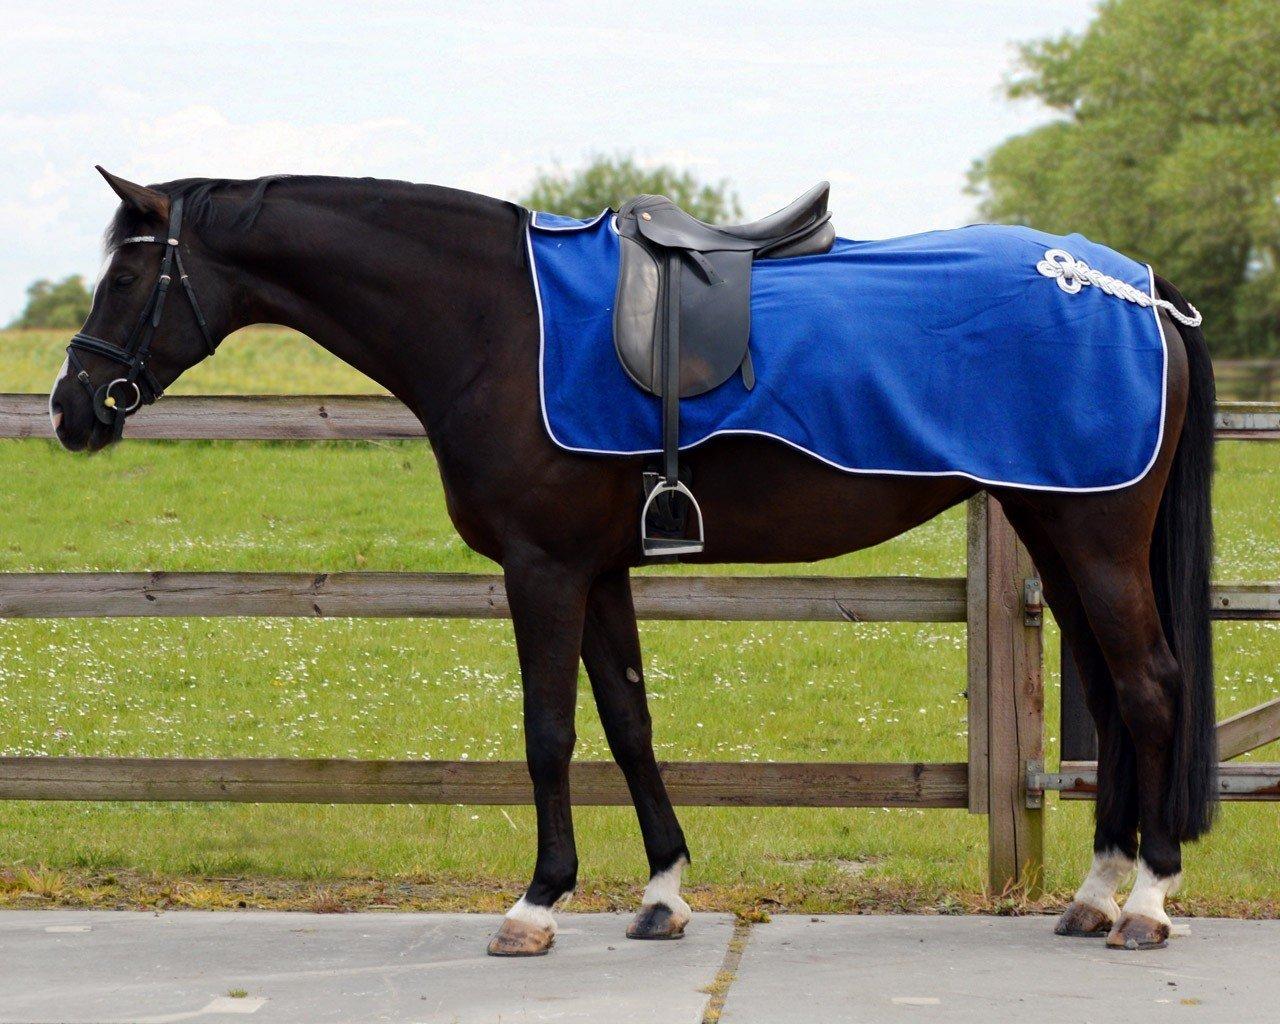 Einen Nierendecke schützt die Nieren deines Pferdes vor Witterungseinflüssen